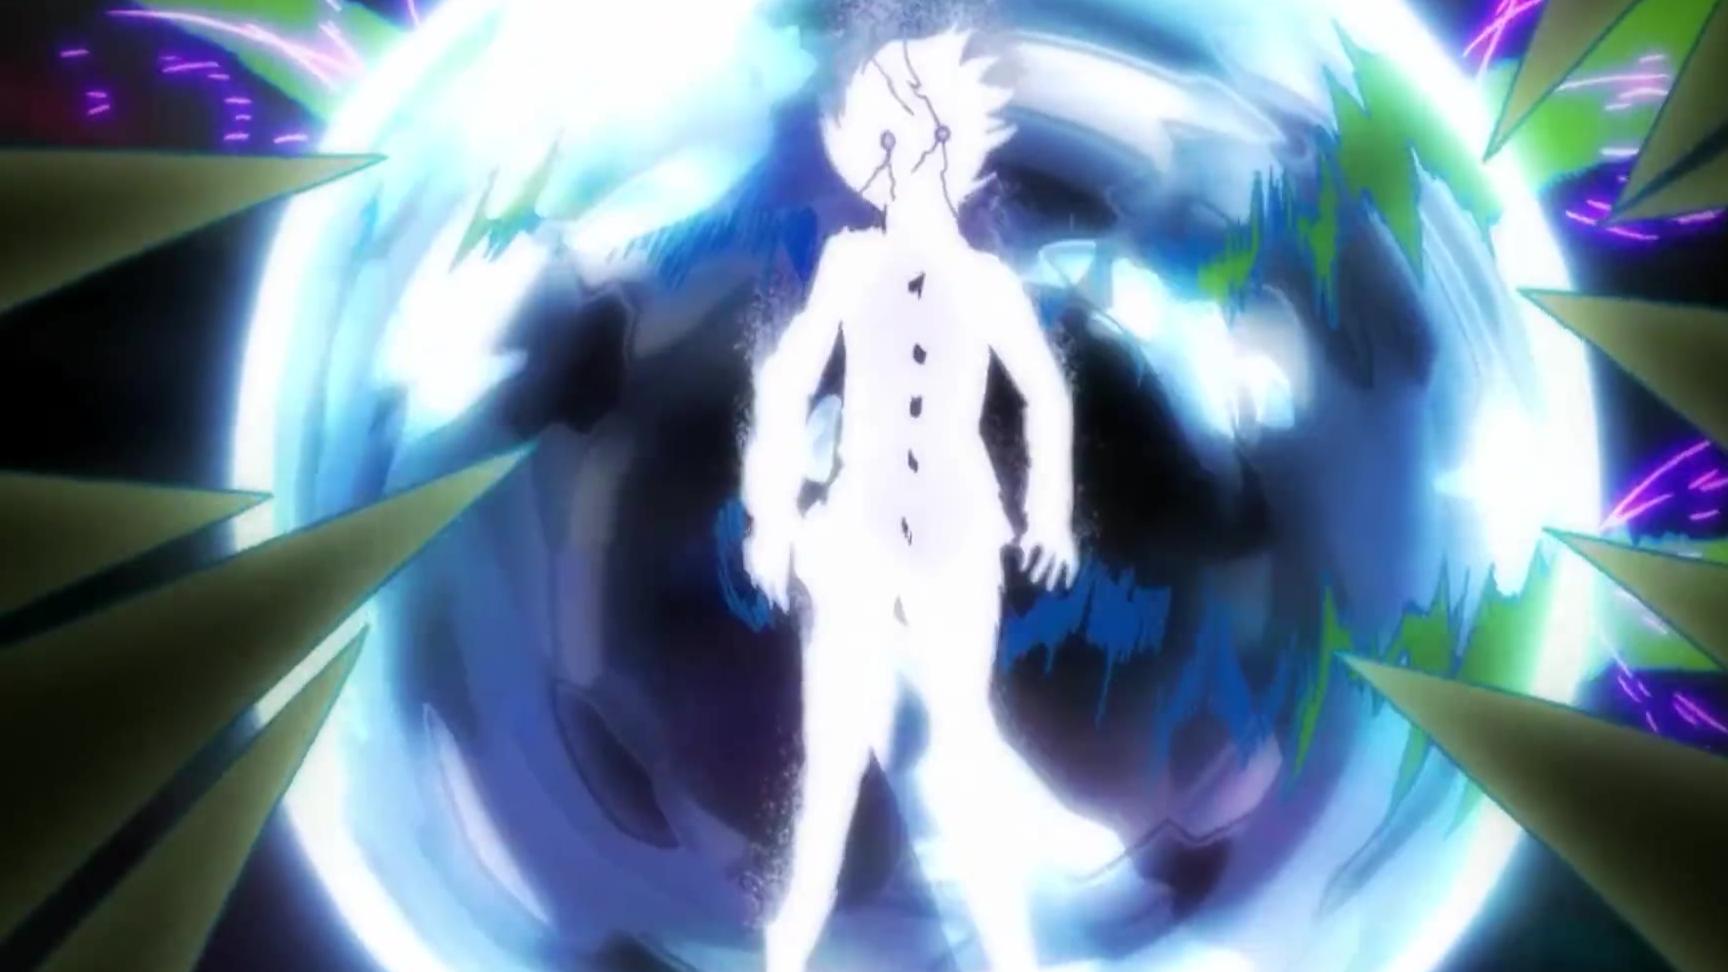 【/超燃点/BGM/】100%的龙套不是龙套,他才是真正的主角!《灵能百分百》/《路人超能100》